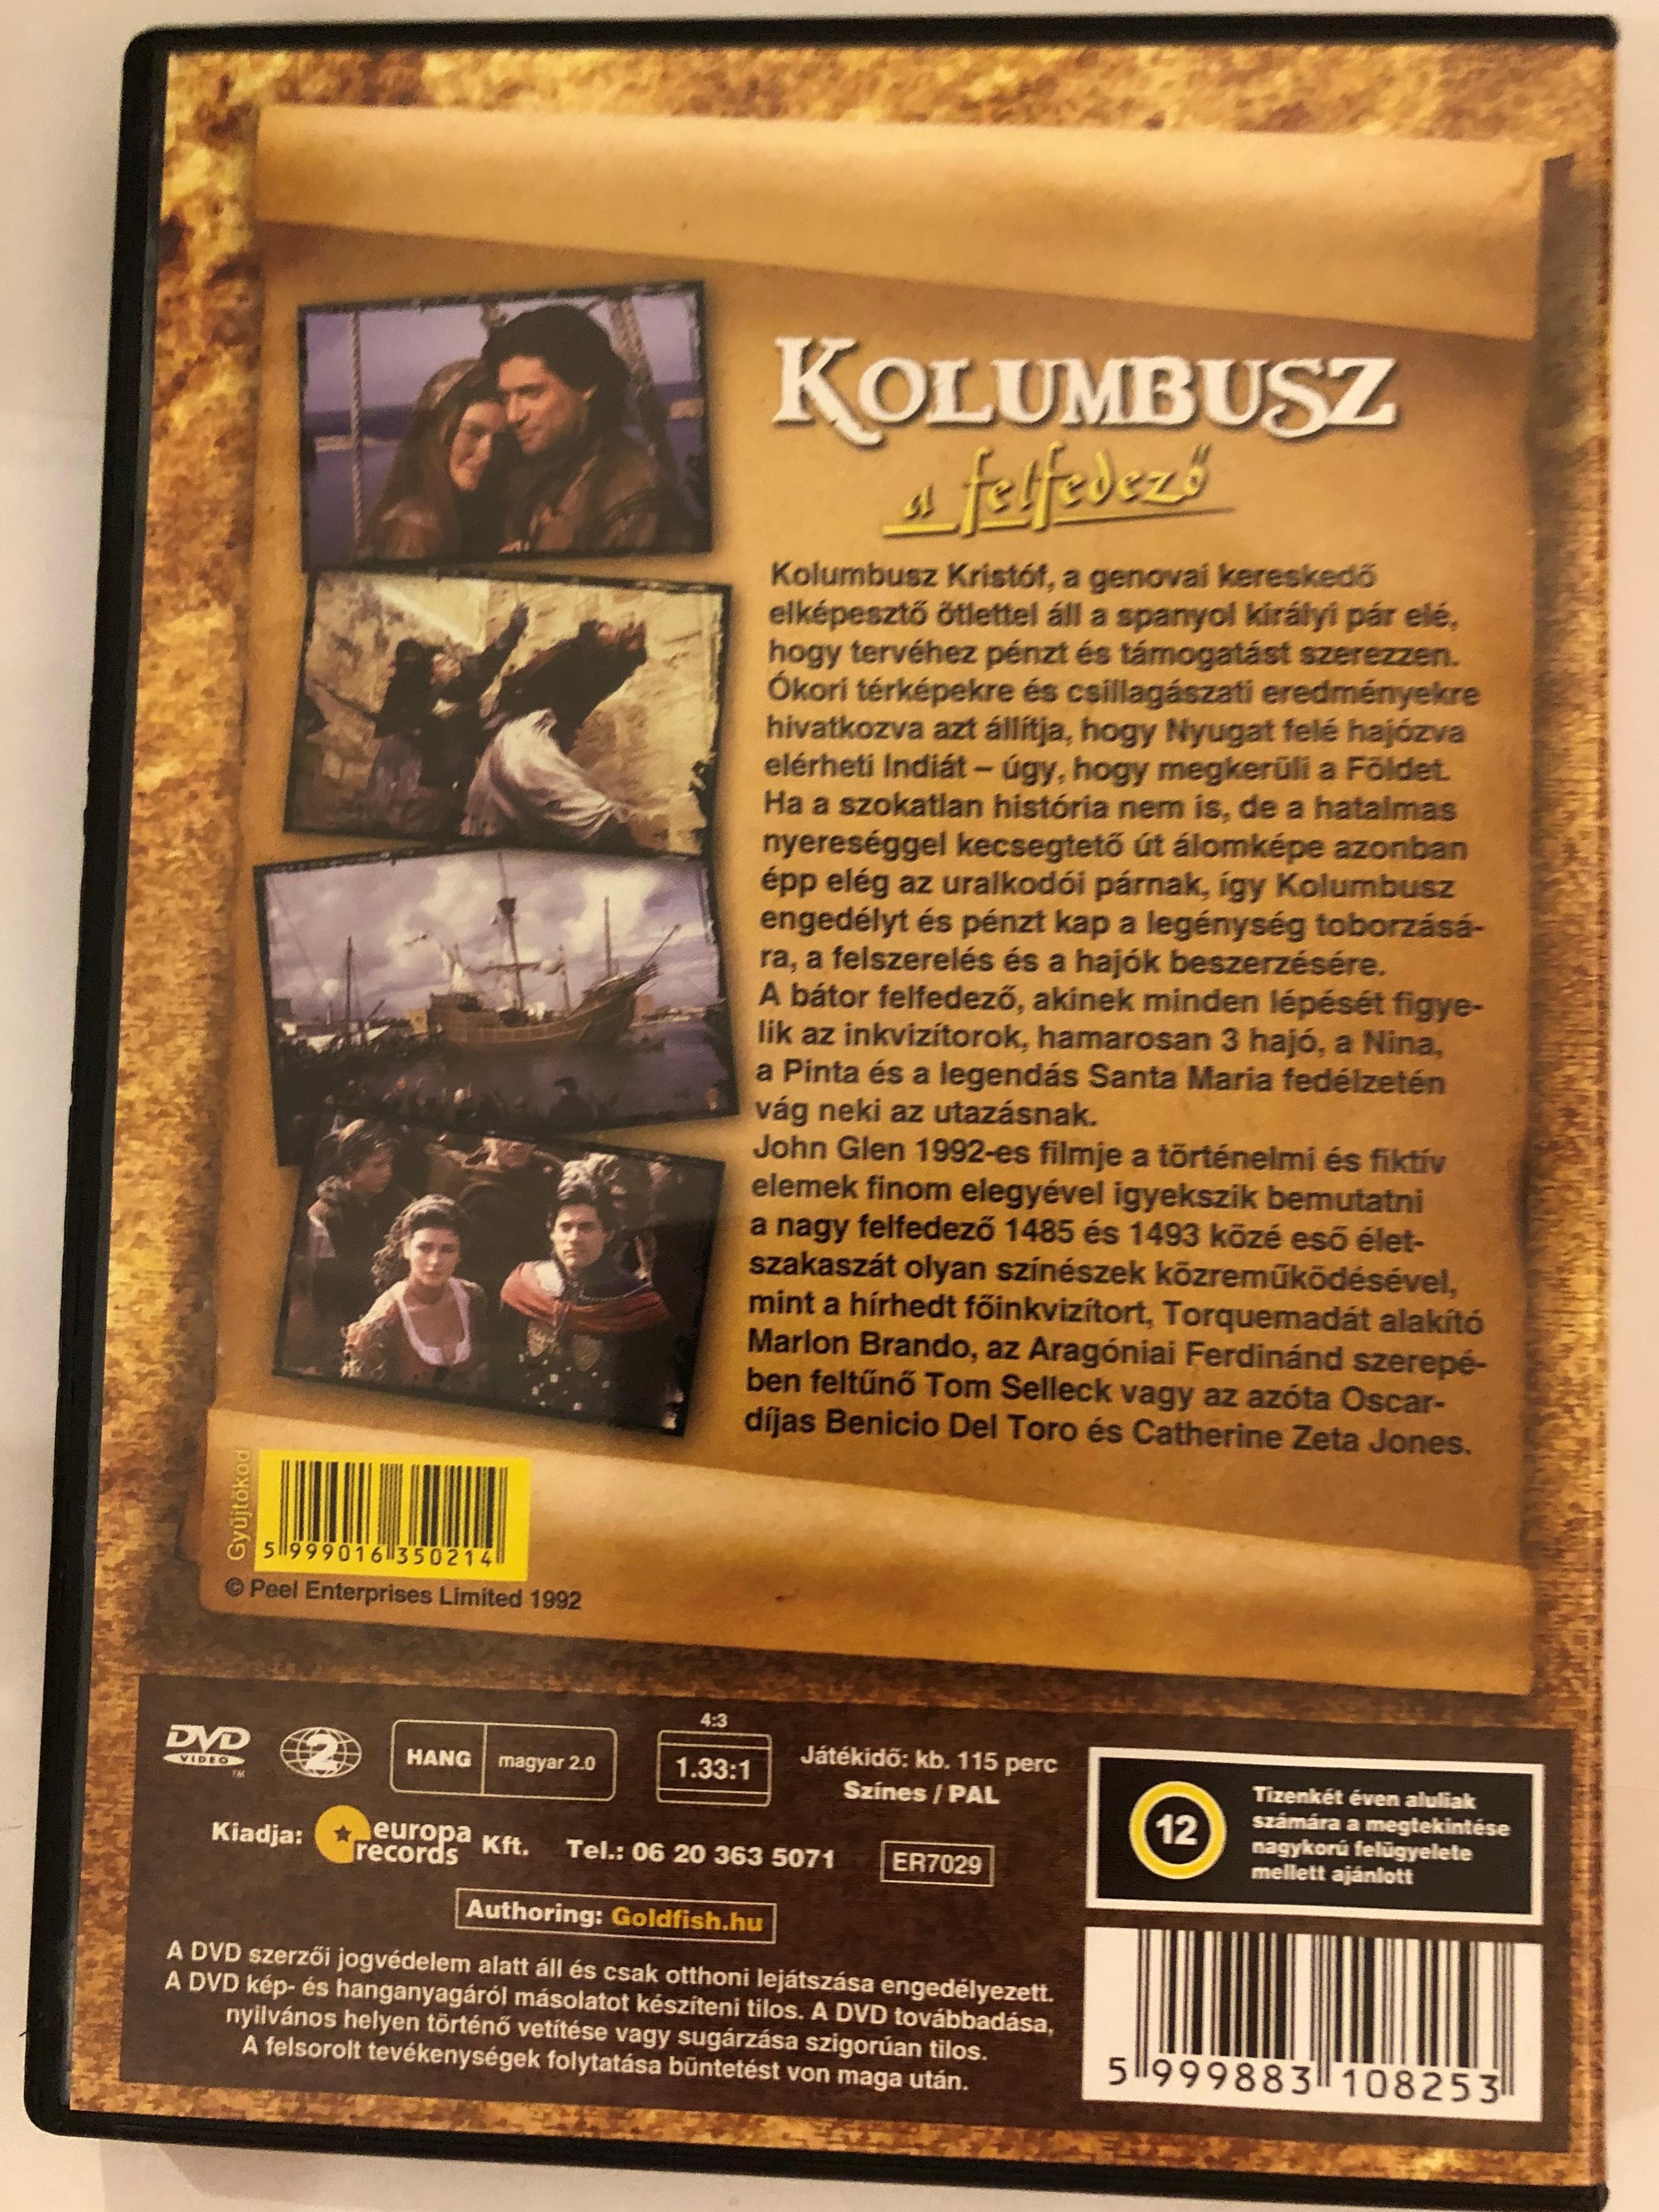 christopher-columbus-the-discovery-dvd-1992-kolumbusz-a-felfedez-2.jpg